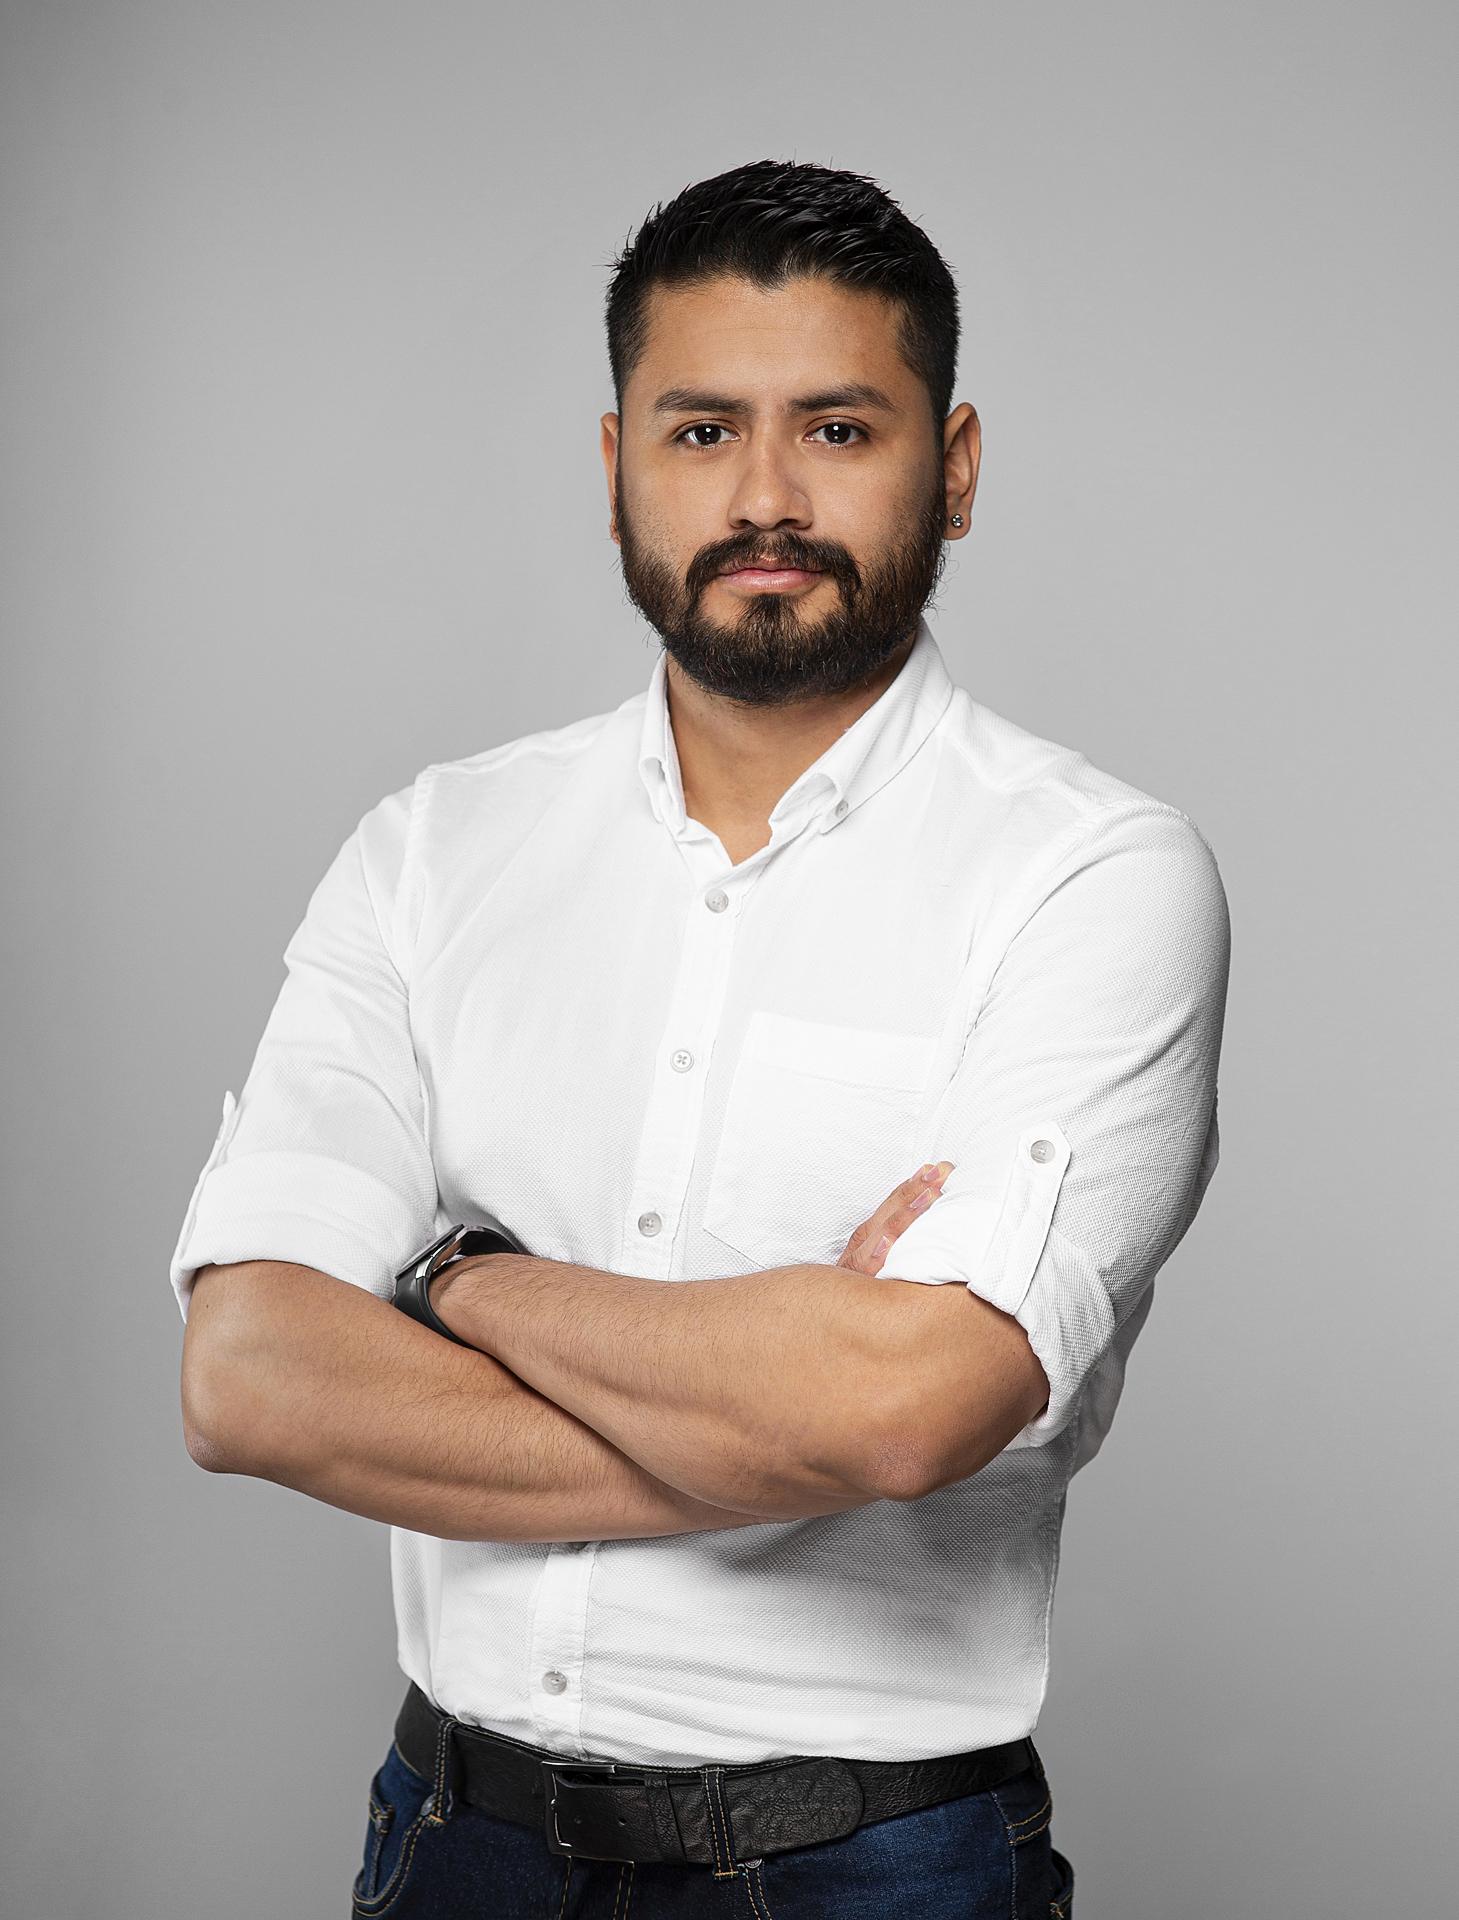 Ricardo Mendoza Castro